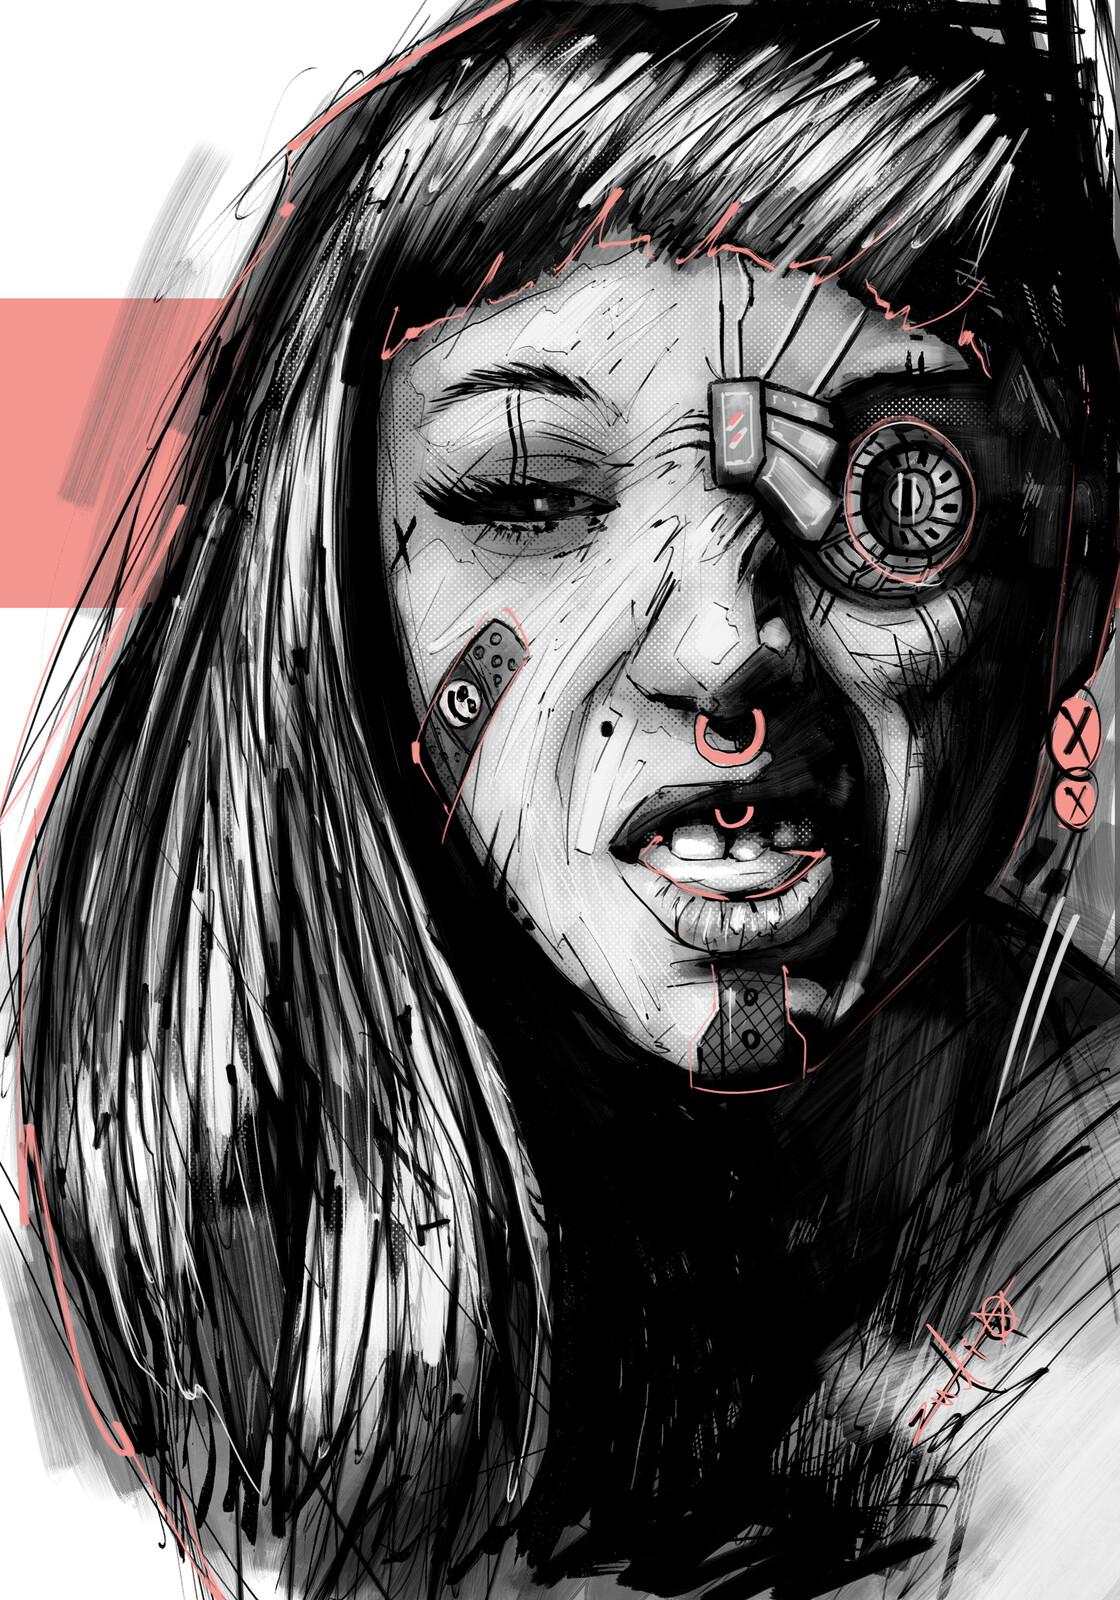 Lz Face 011 // Marina